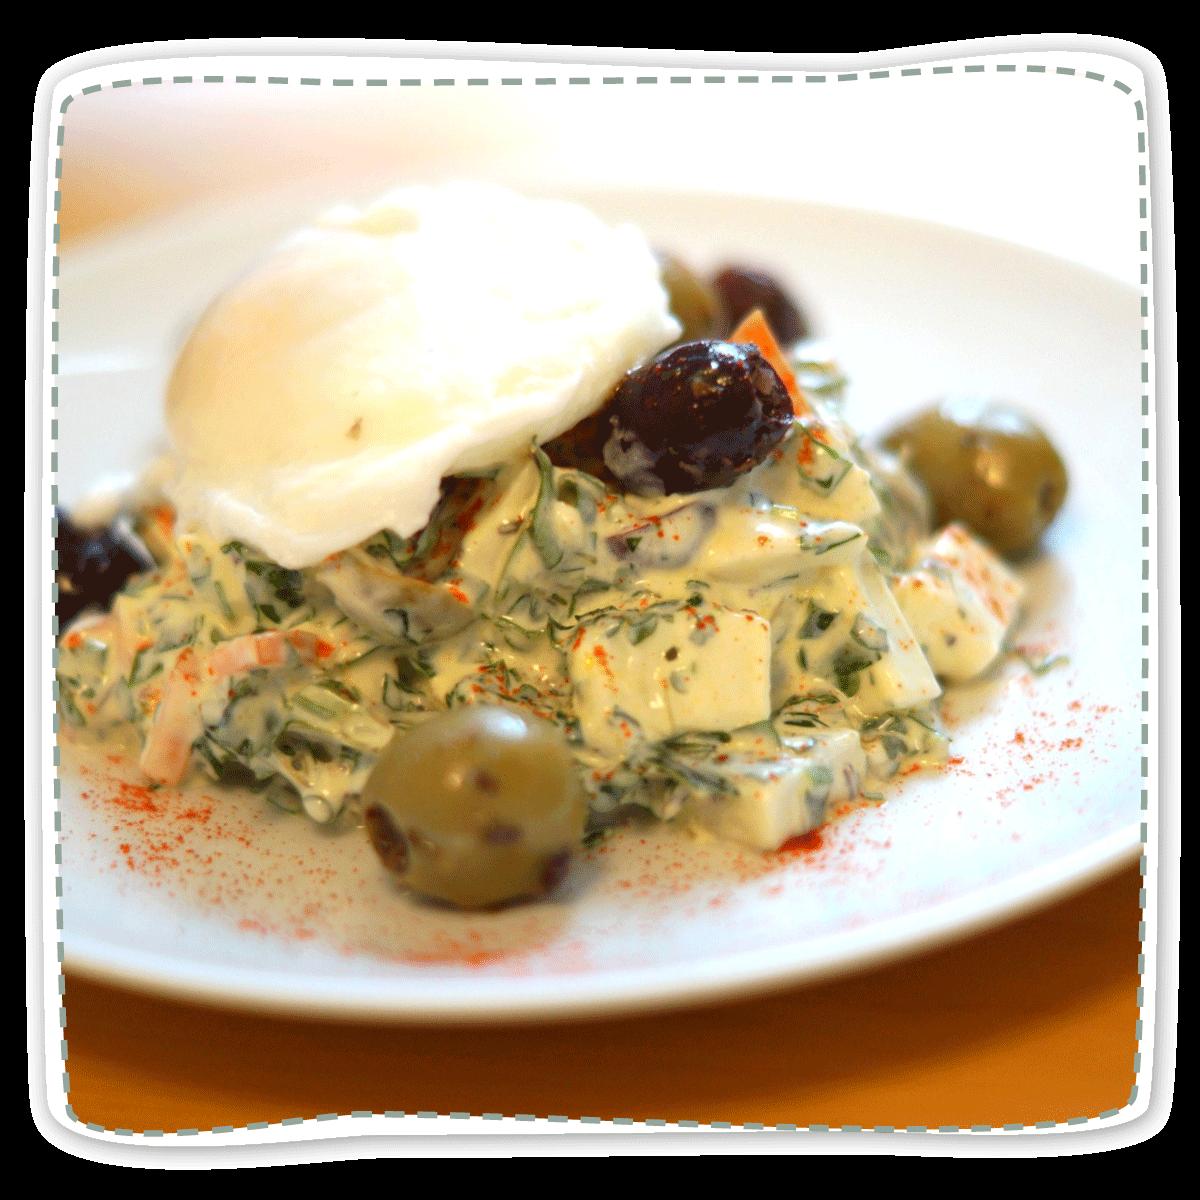 Kräutersalat an pochiertem Ei